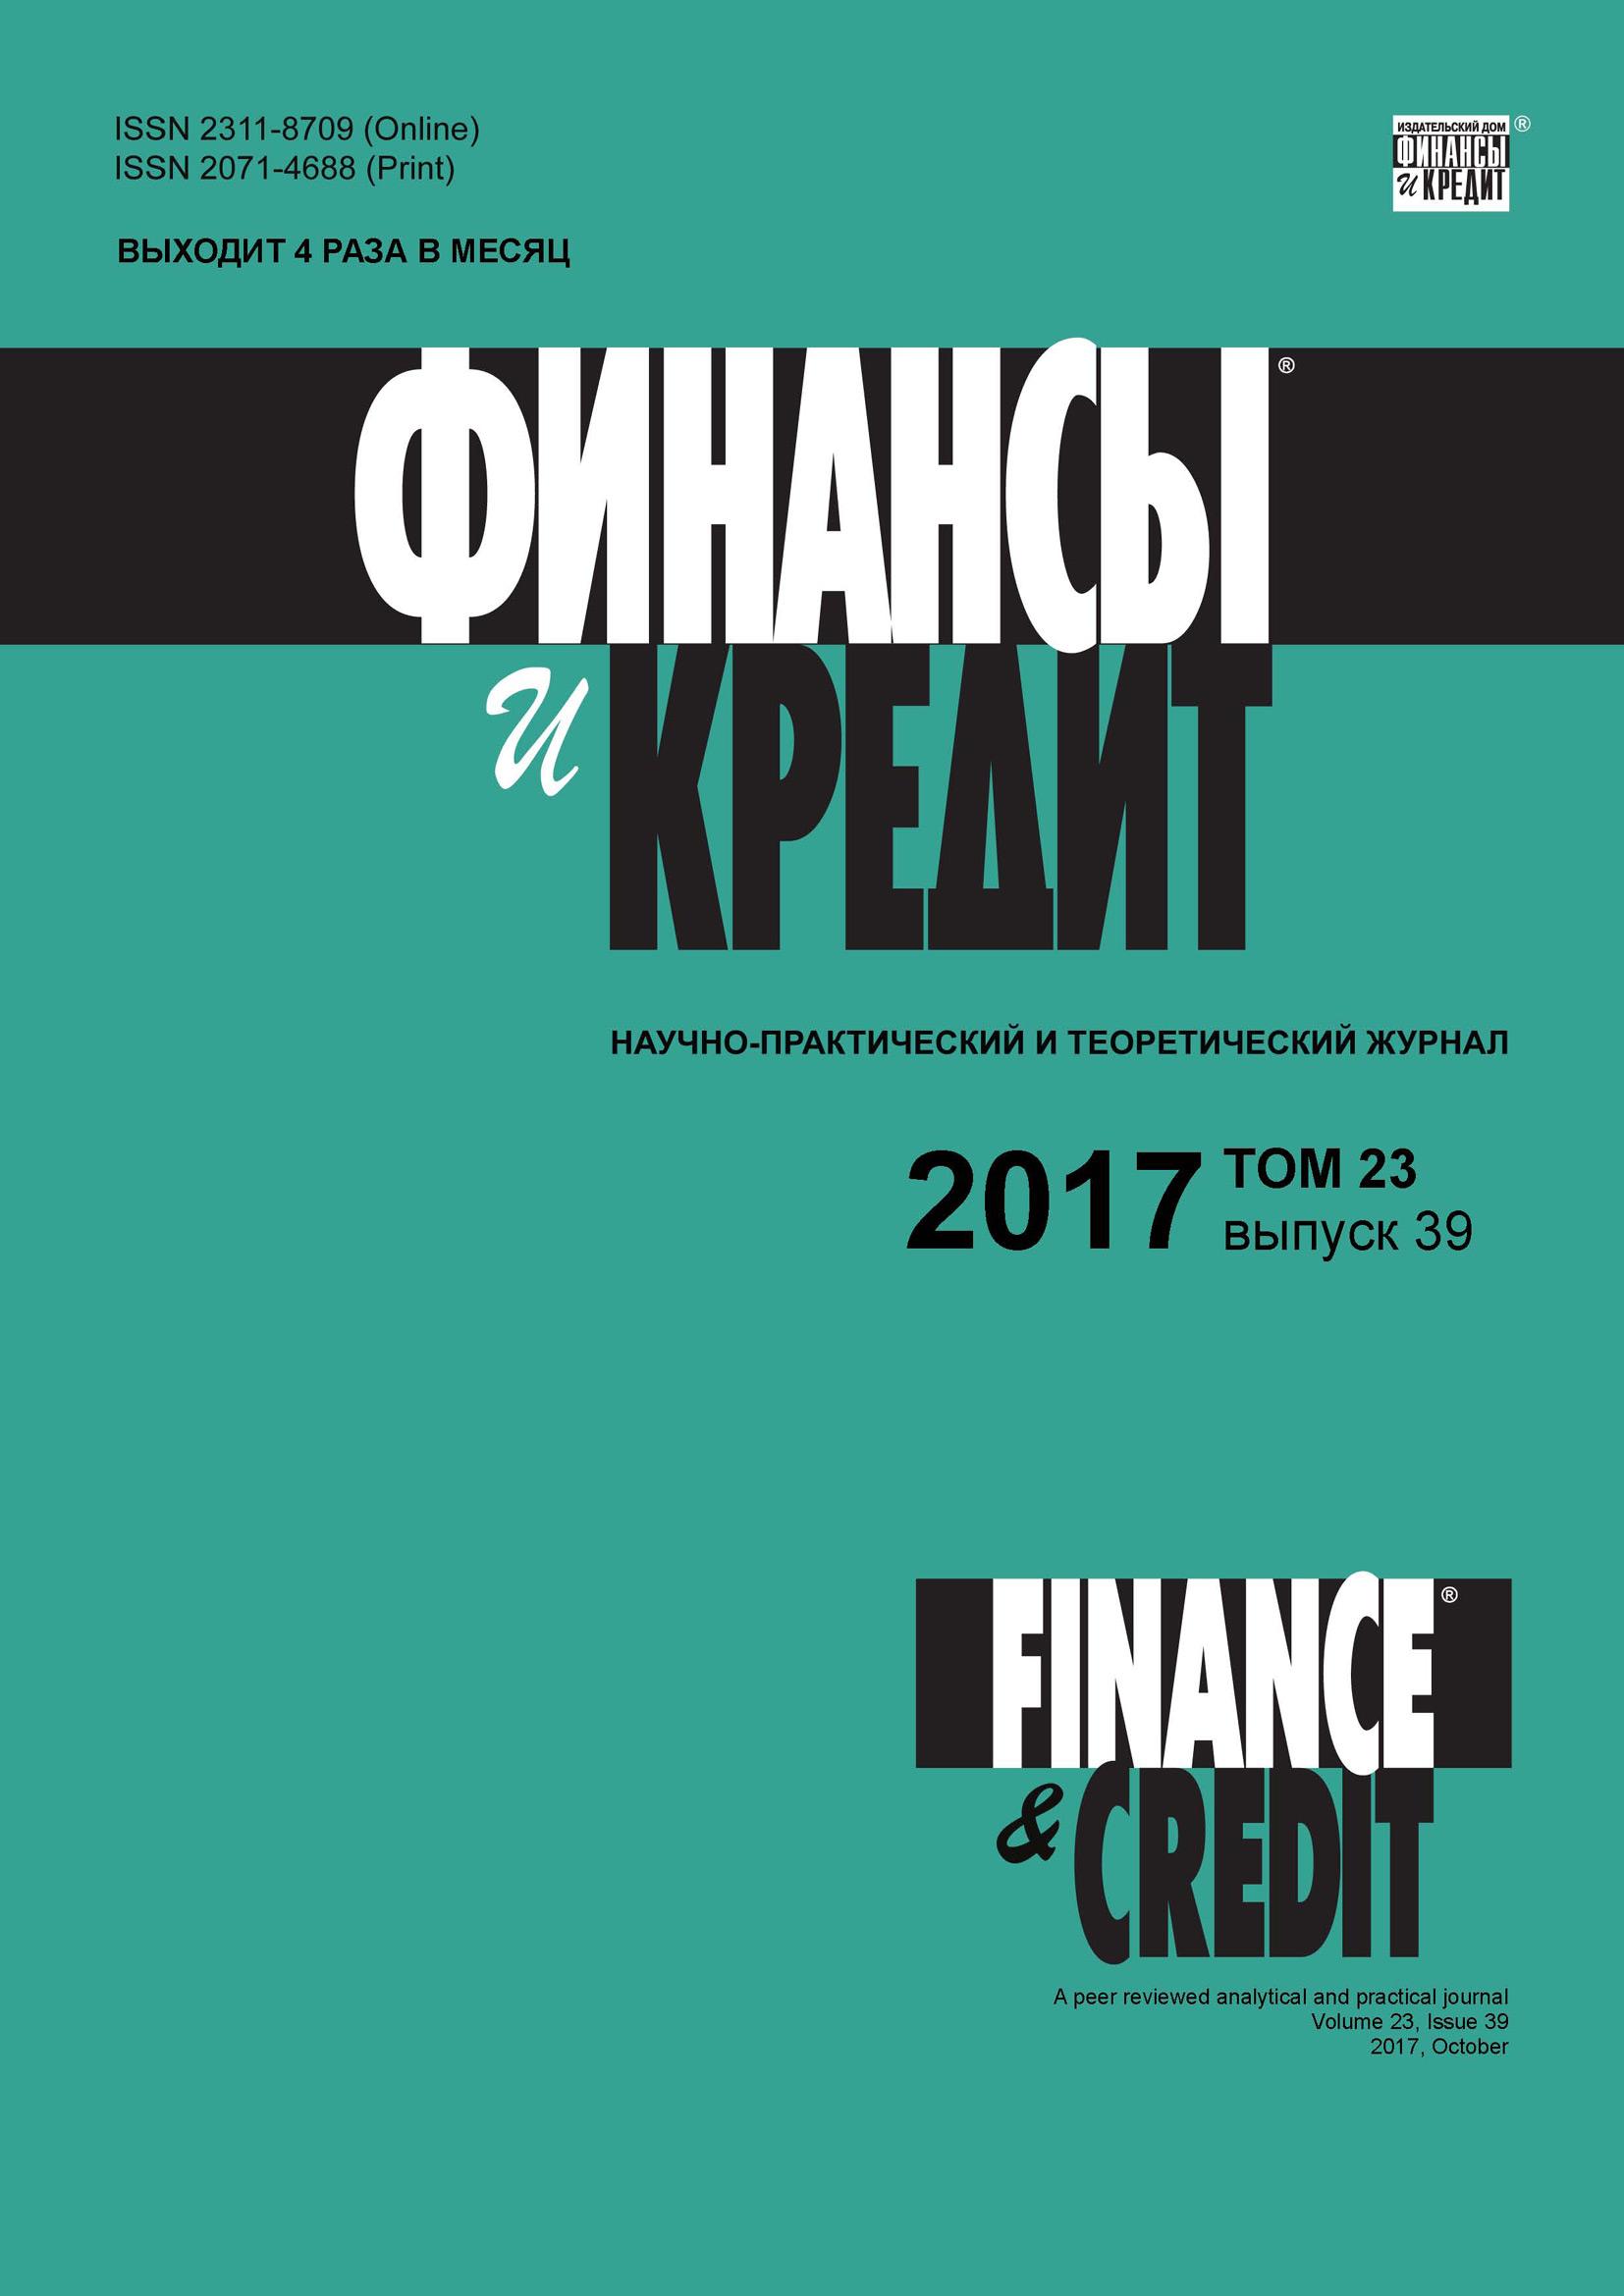 Финансы и Кредит № 39 2017